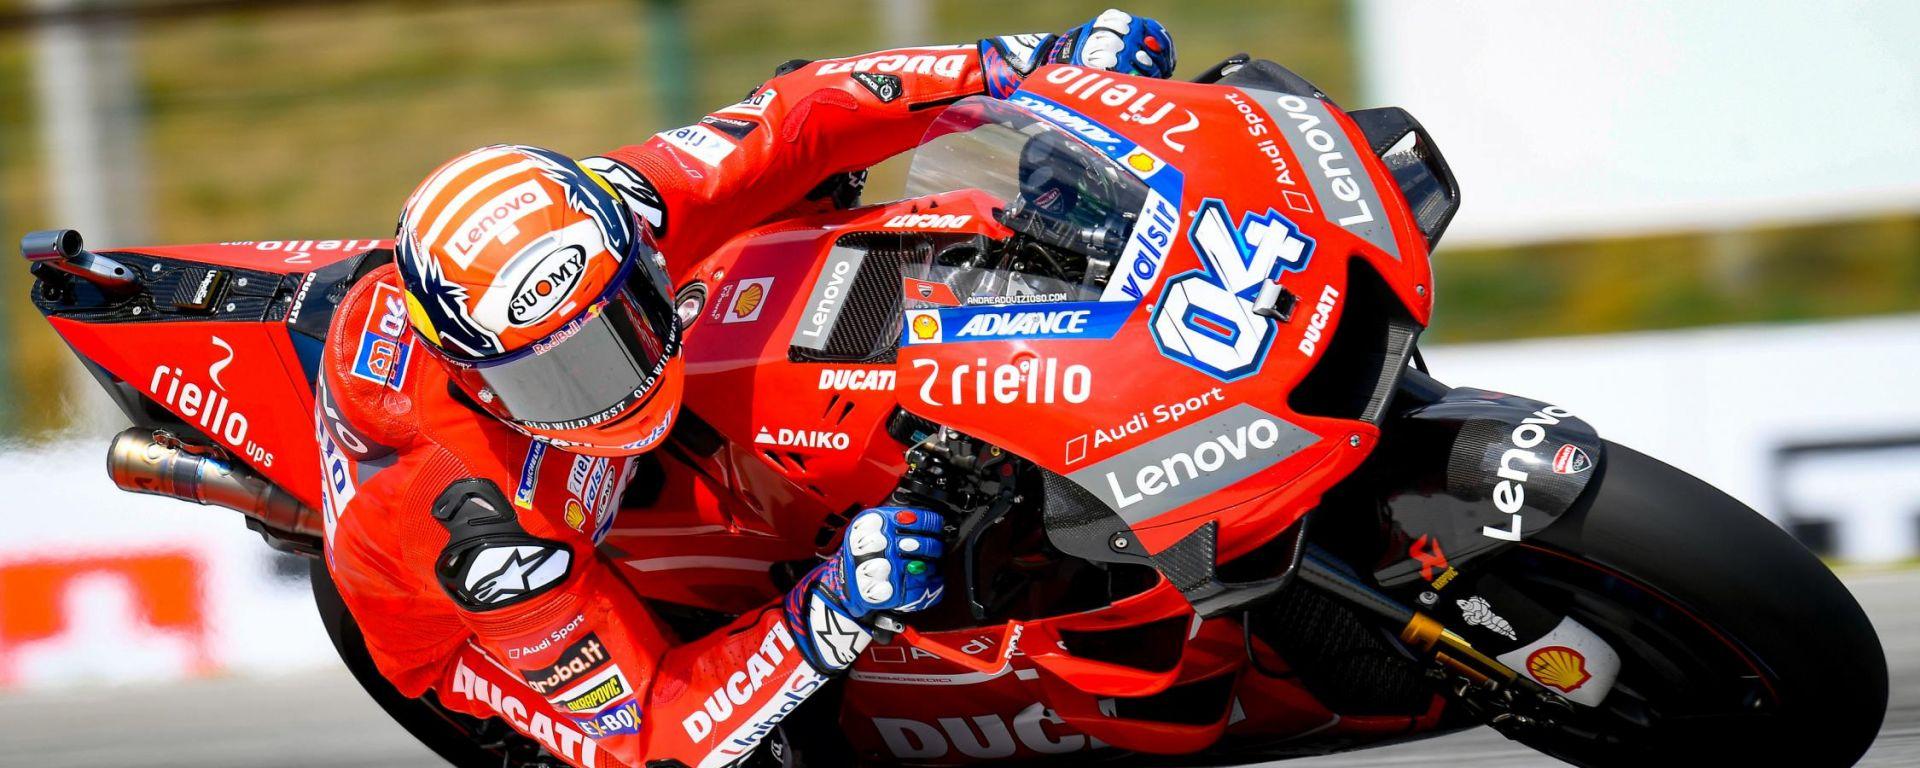 MotoGP Rep Ceca 2019, Brno, Andrea Dovizioso (Ducati)